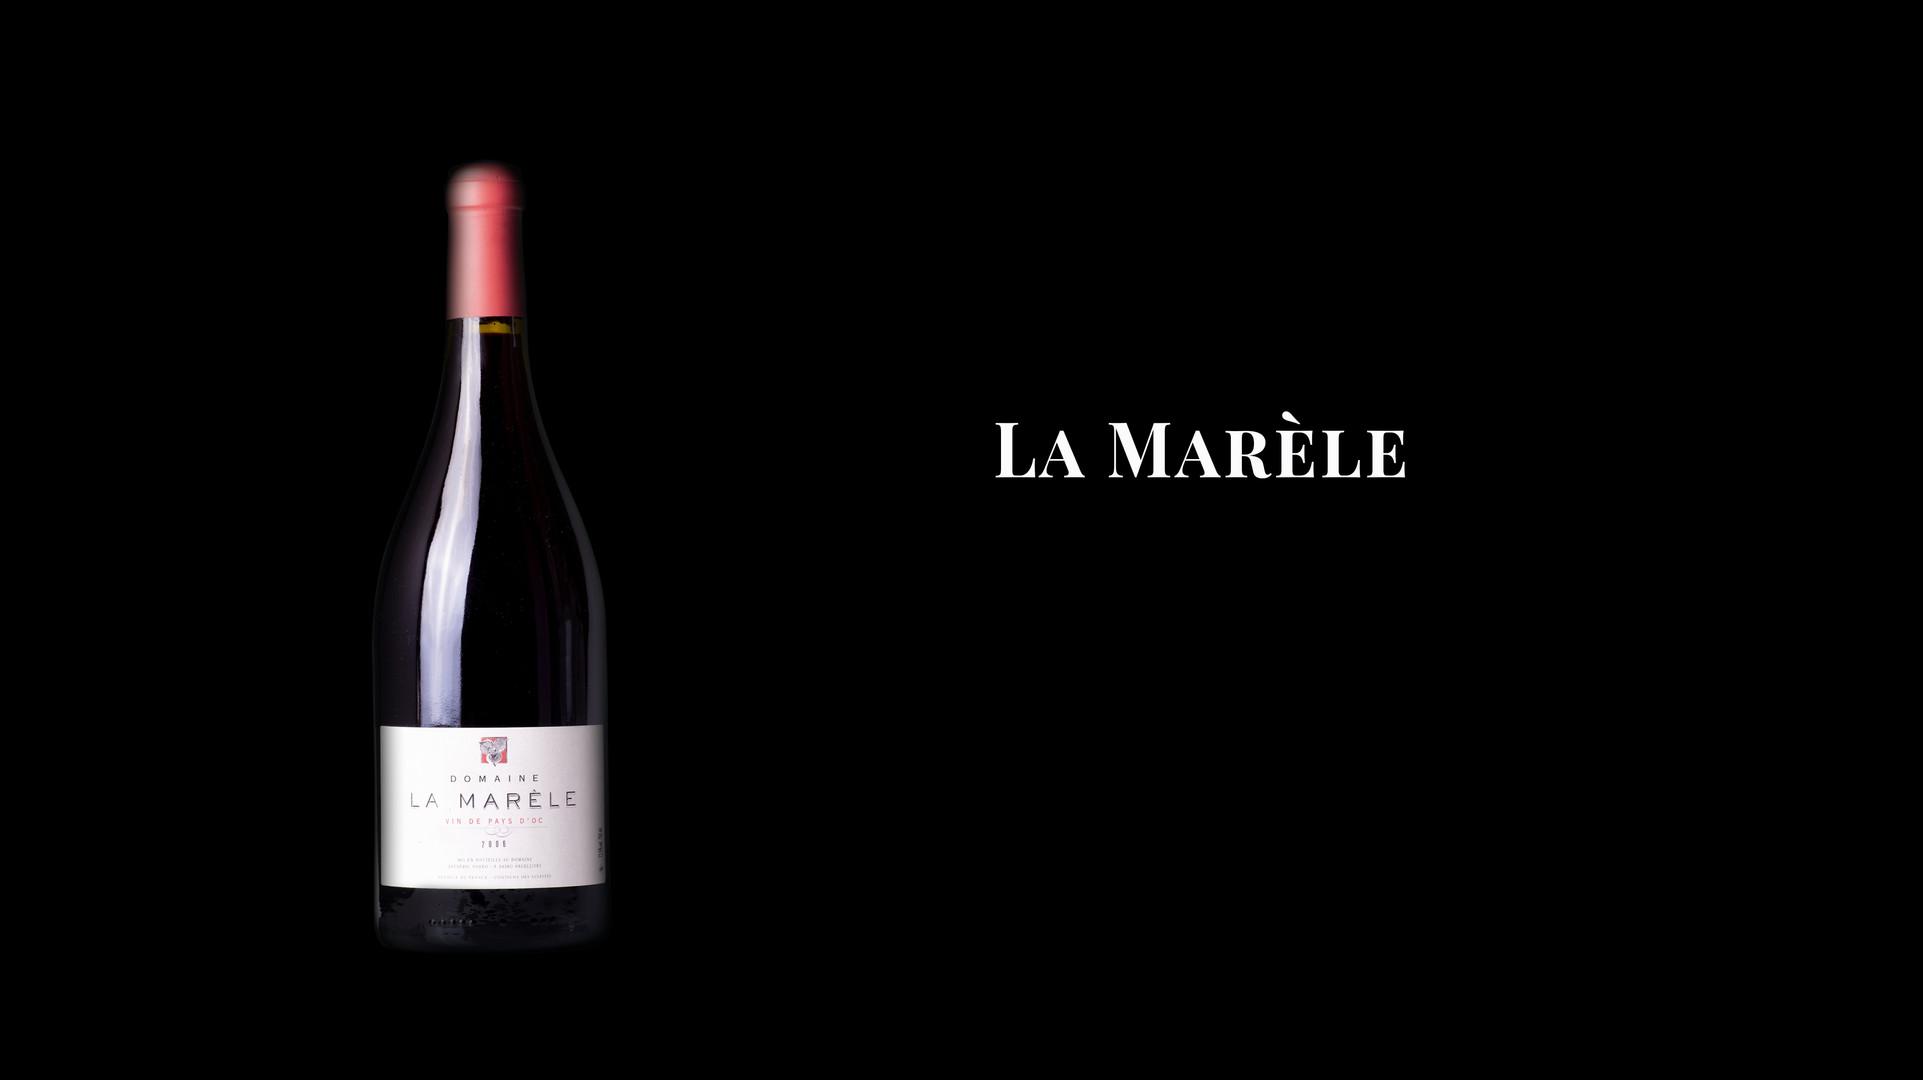 Parcelles situées sur des calcaires jurassiques à 230 m d'altitude exposées Nord-Ouest.  La récolte, manuelle, est vinifiée de façon traditionnelle: Syrah, mourvèdre, carignan, chaque parcelle est vinifiée dans une cuve à part.  Le vin est embouteillé sans collage ni filtration.